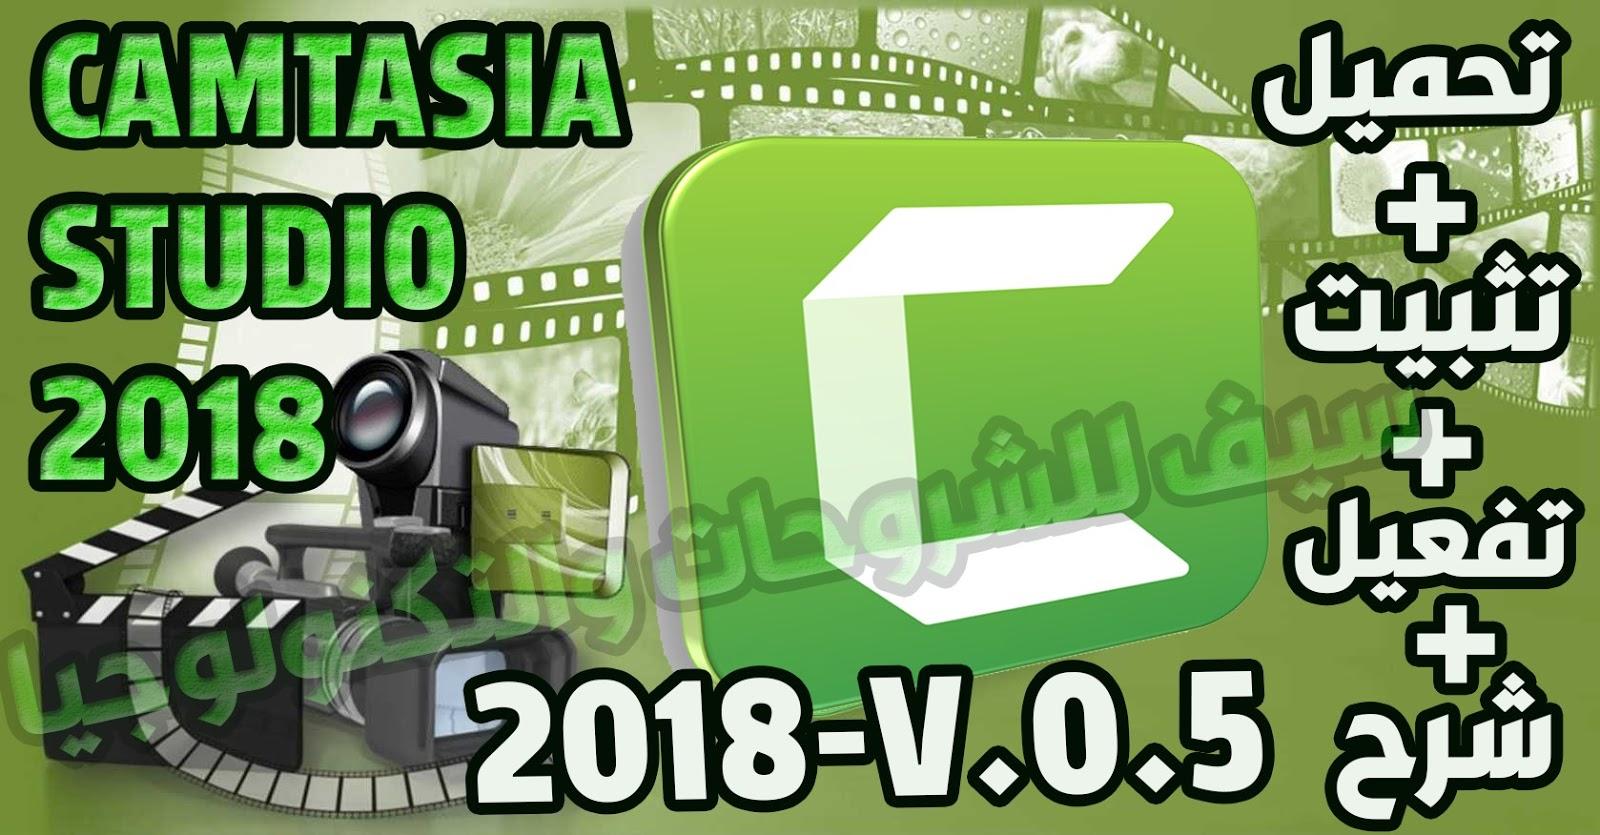 تحميل وتثبيت برنامج Camtasia Studio 2019 -V.0.5 - نسخة مفعلة  واستعراض لأهم المميزات المضافة